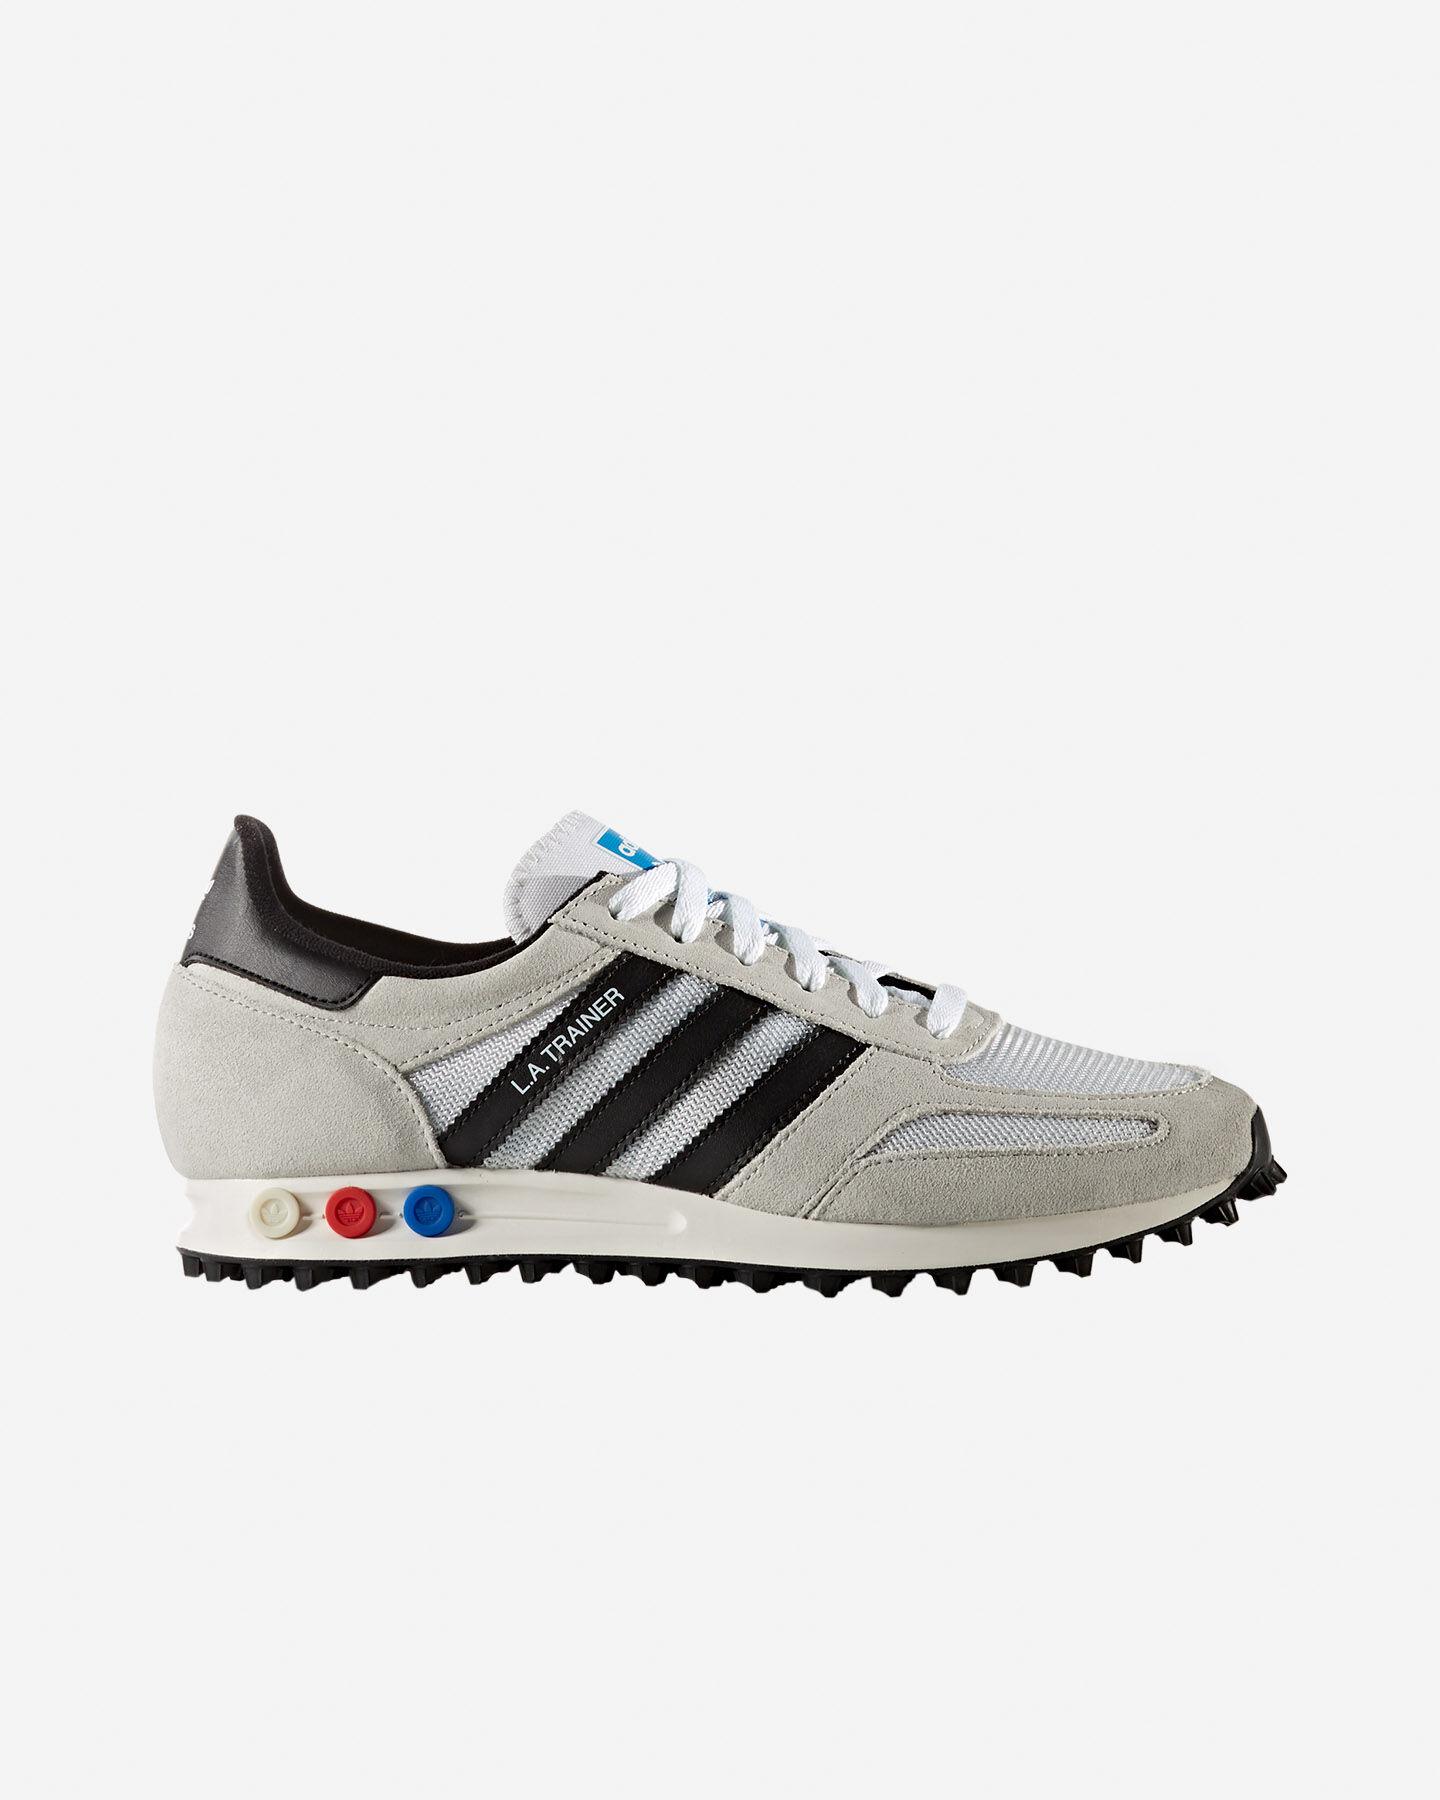 Acquista 2 OFF QUALSIASI modelli scarpe adidas CASE E